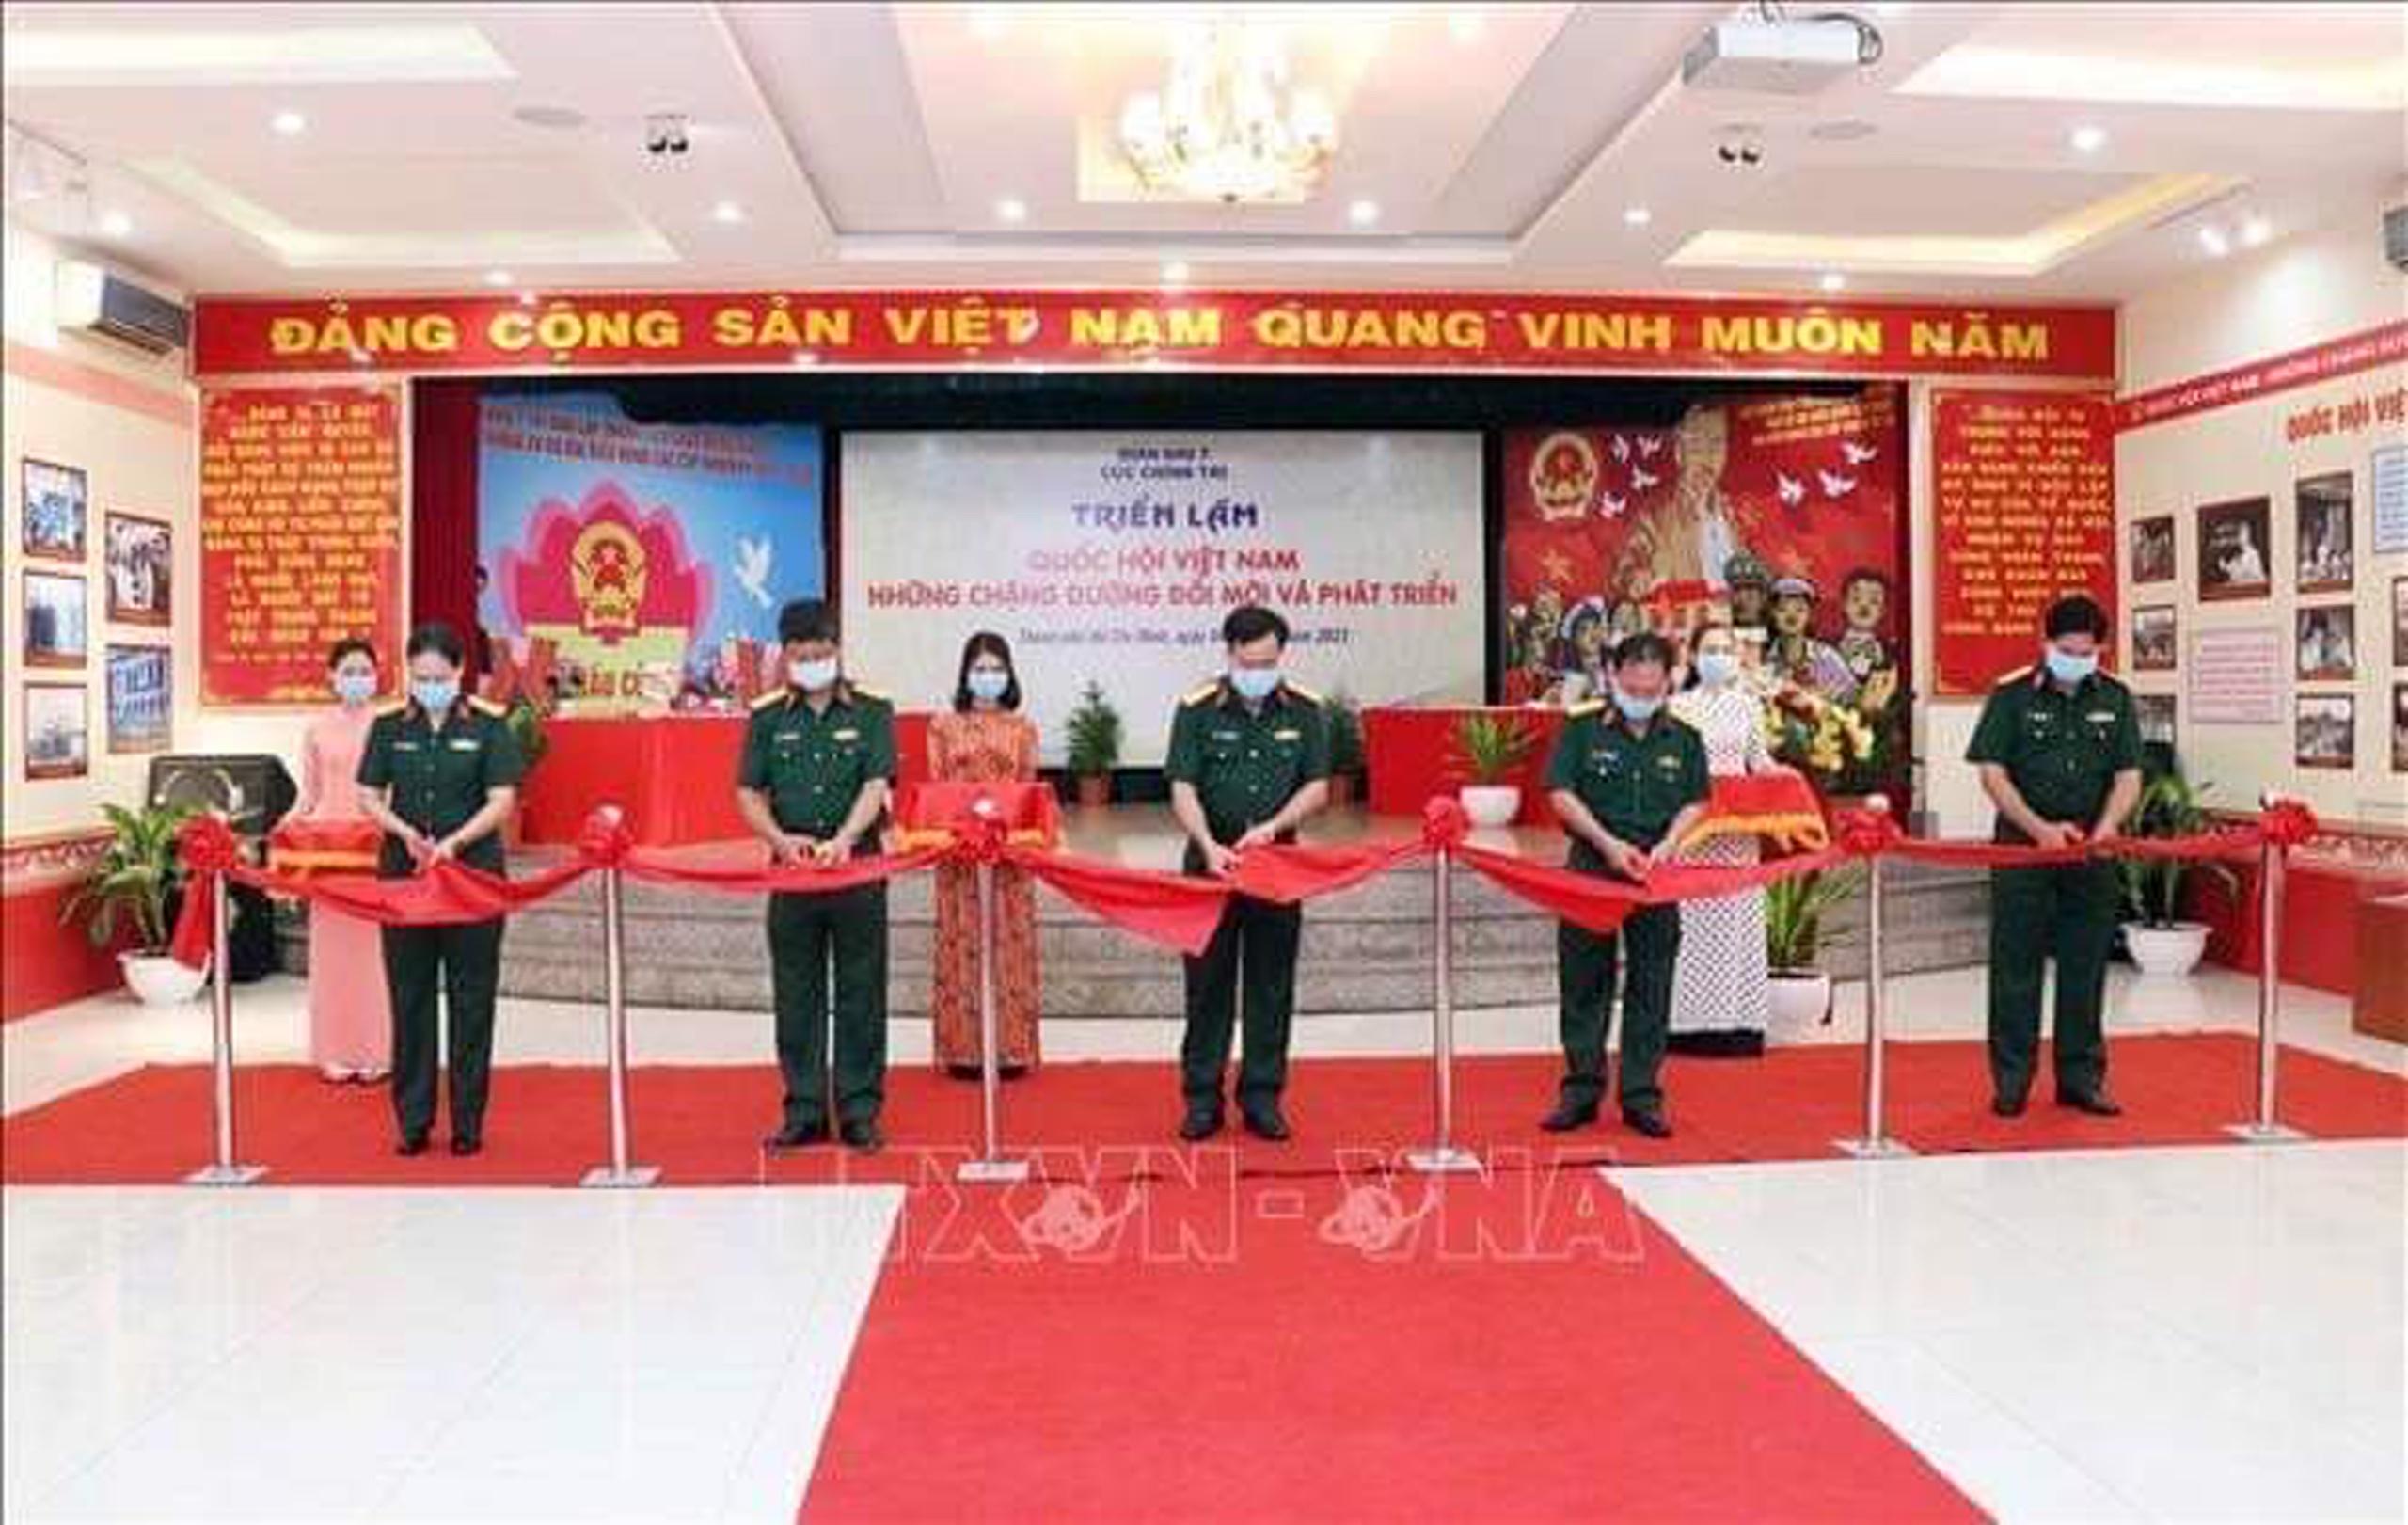 """Khai mạc triển lãm """"Quốc hội Việt Nam - Những chặng đường đổi mới và phát triển"""""""